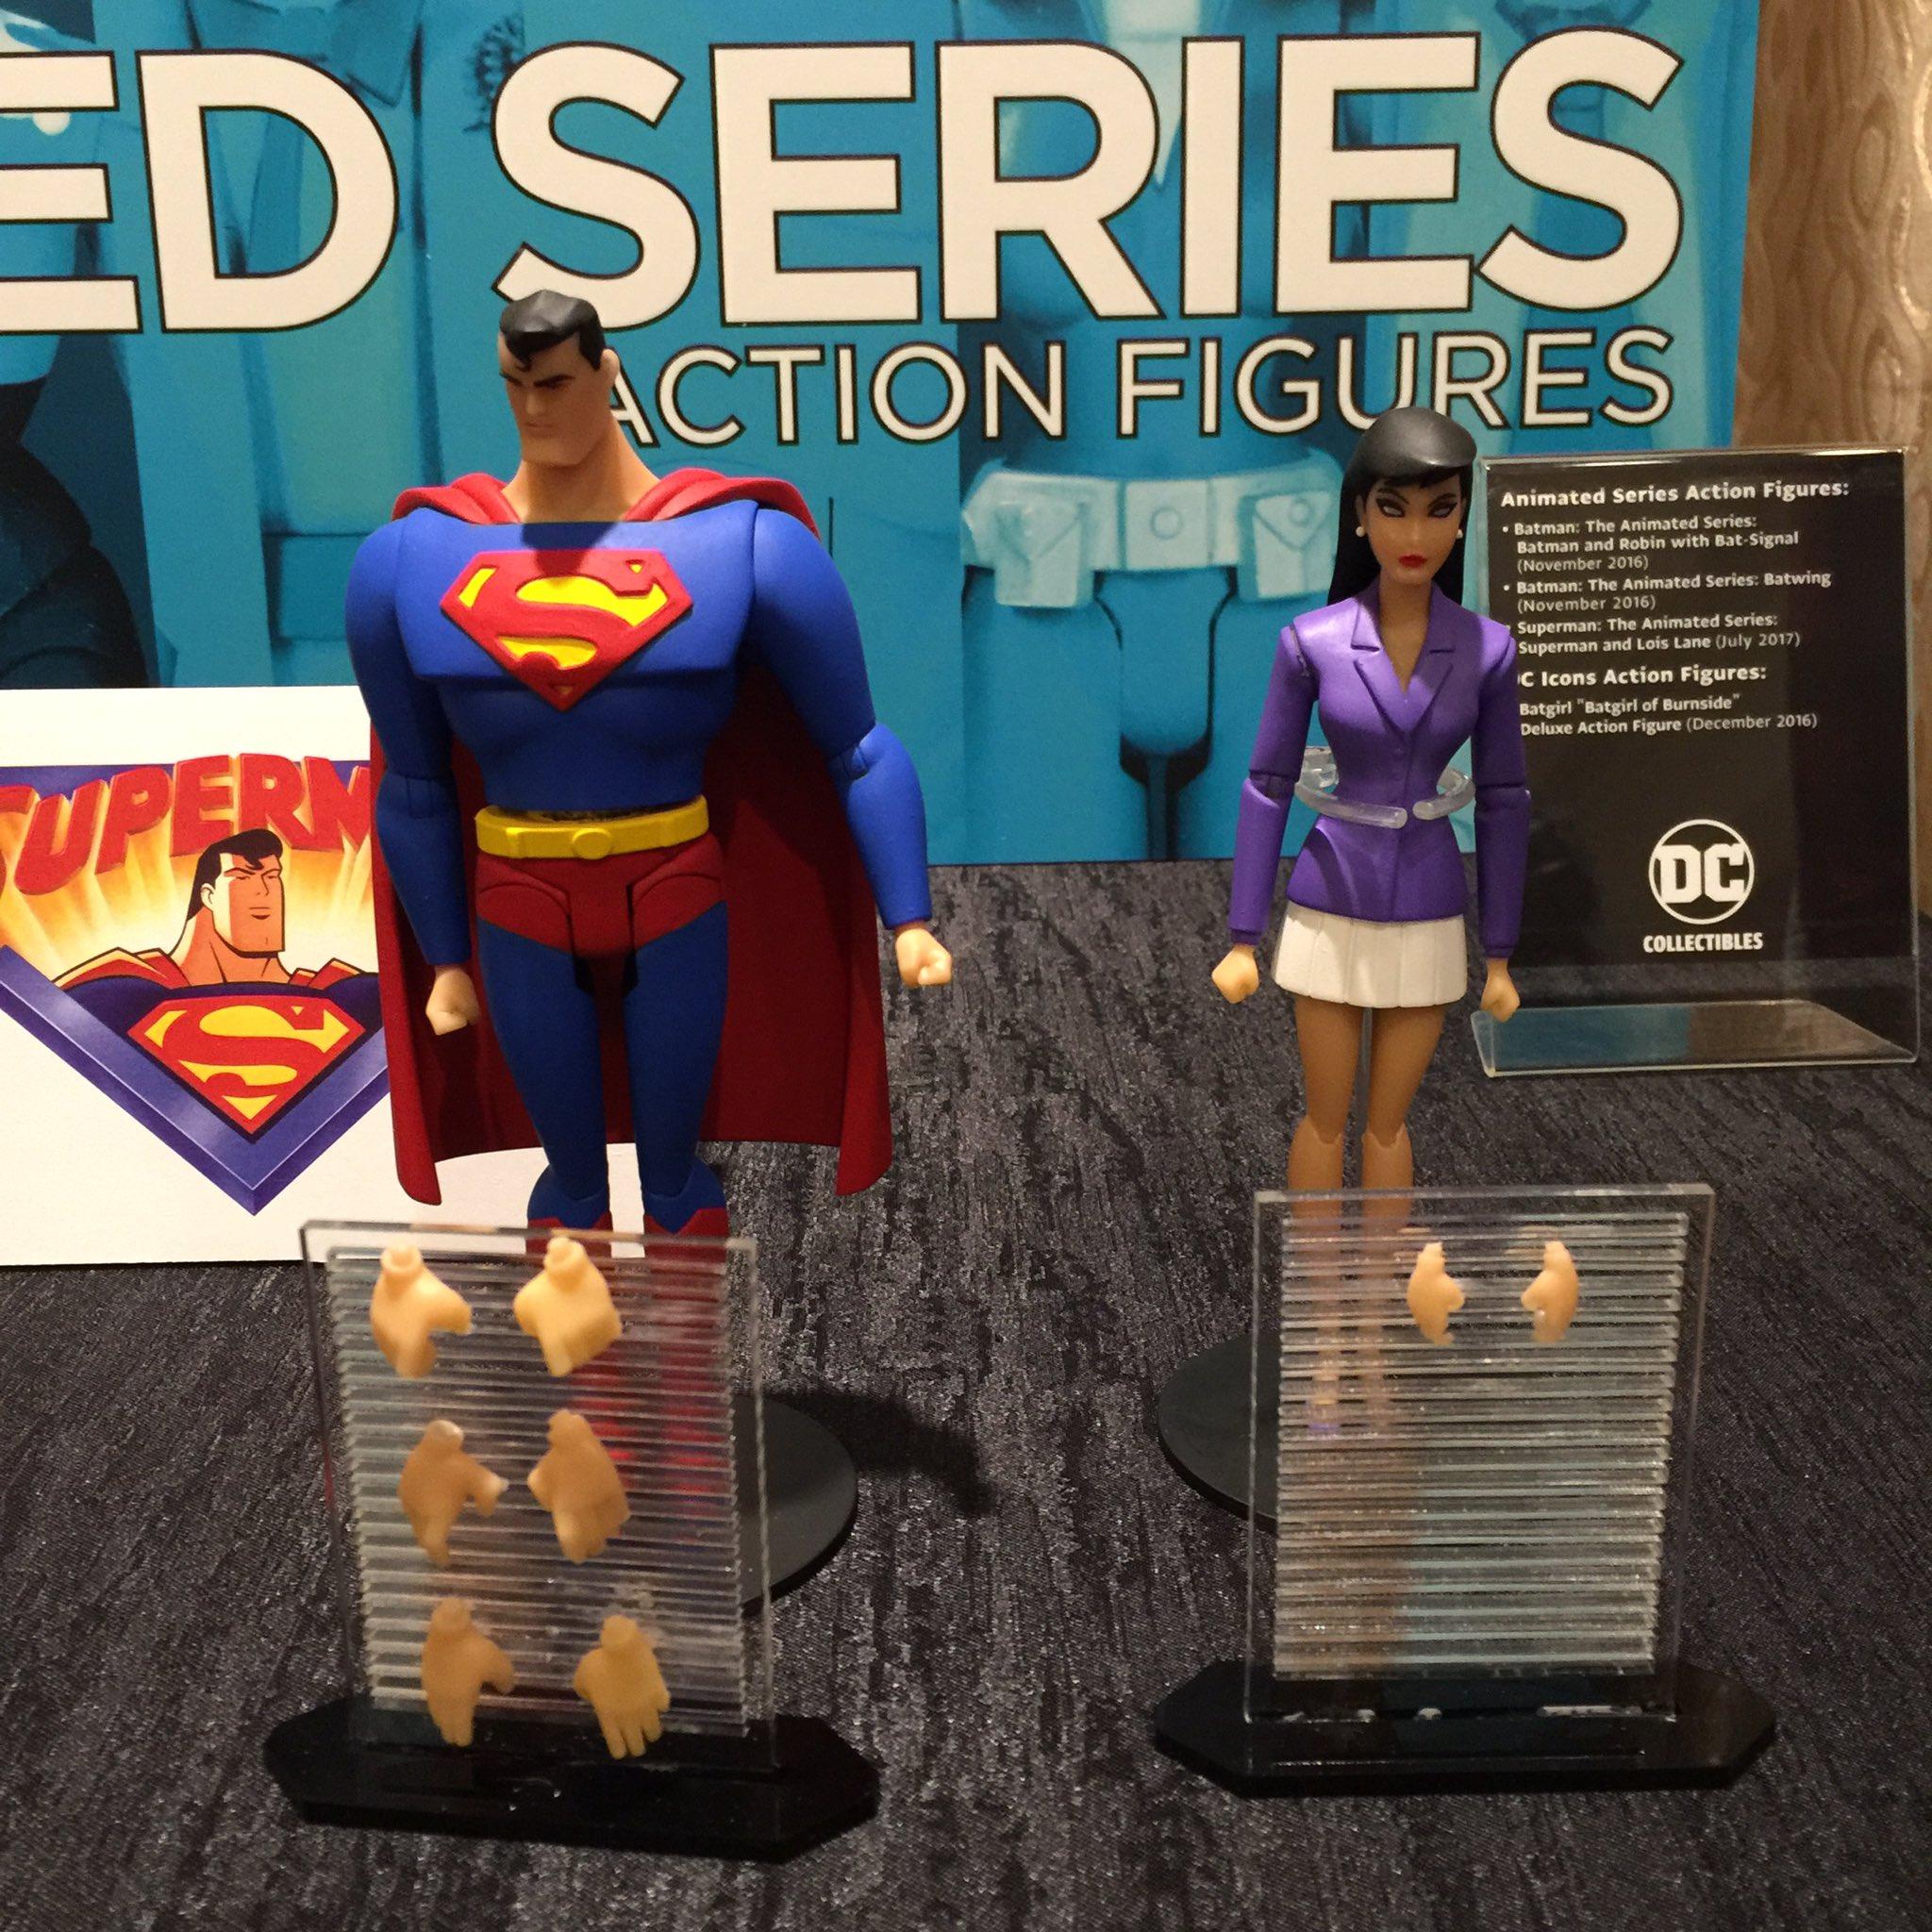 Lois Lane Action Figure: *~LANE & KENT~* Clark/Superman & Lois Relationship